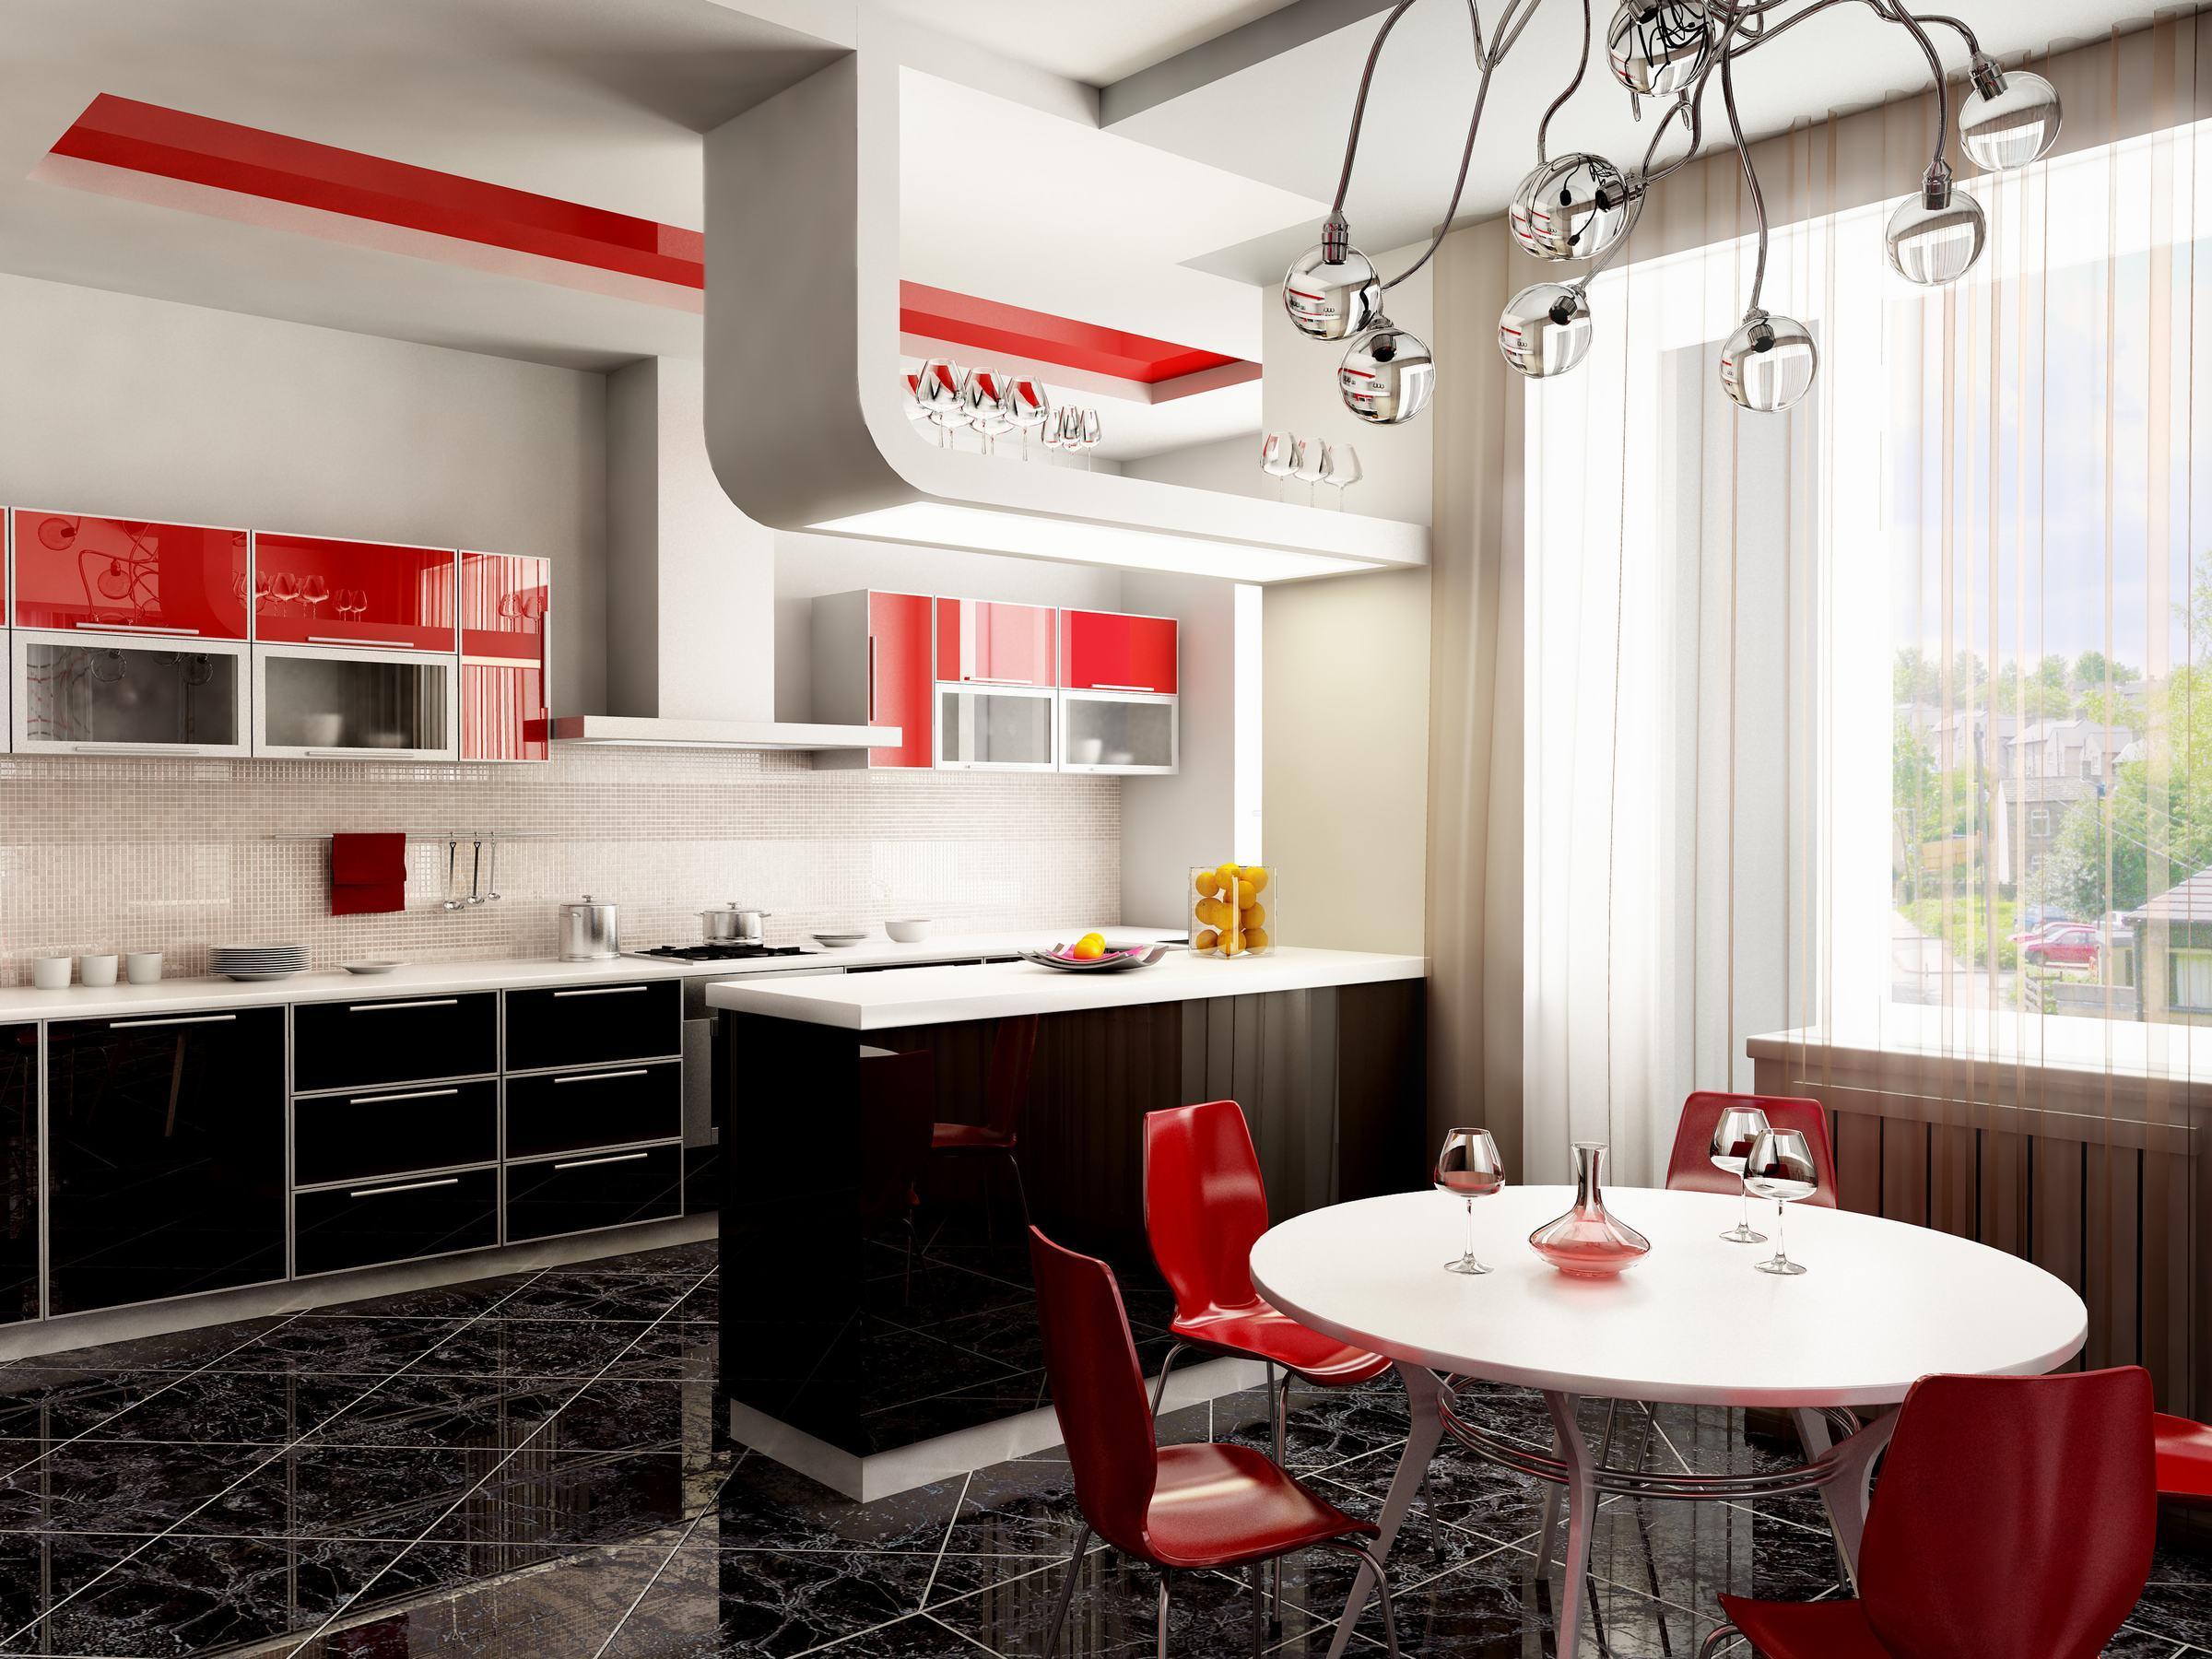 mẫu thạch cao phòng bếp đẹp |Vĩnh Tường